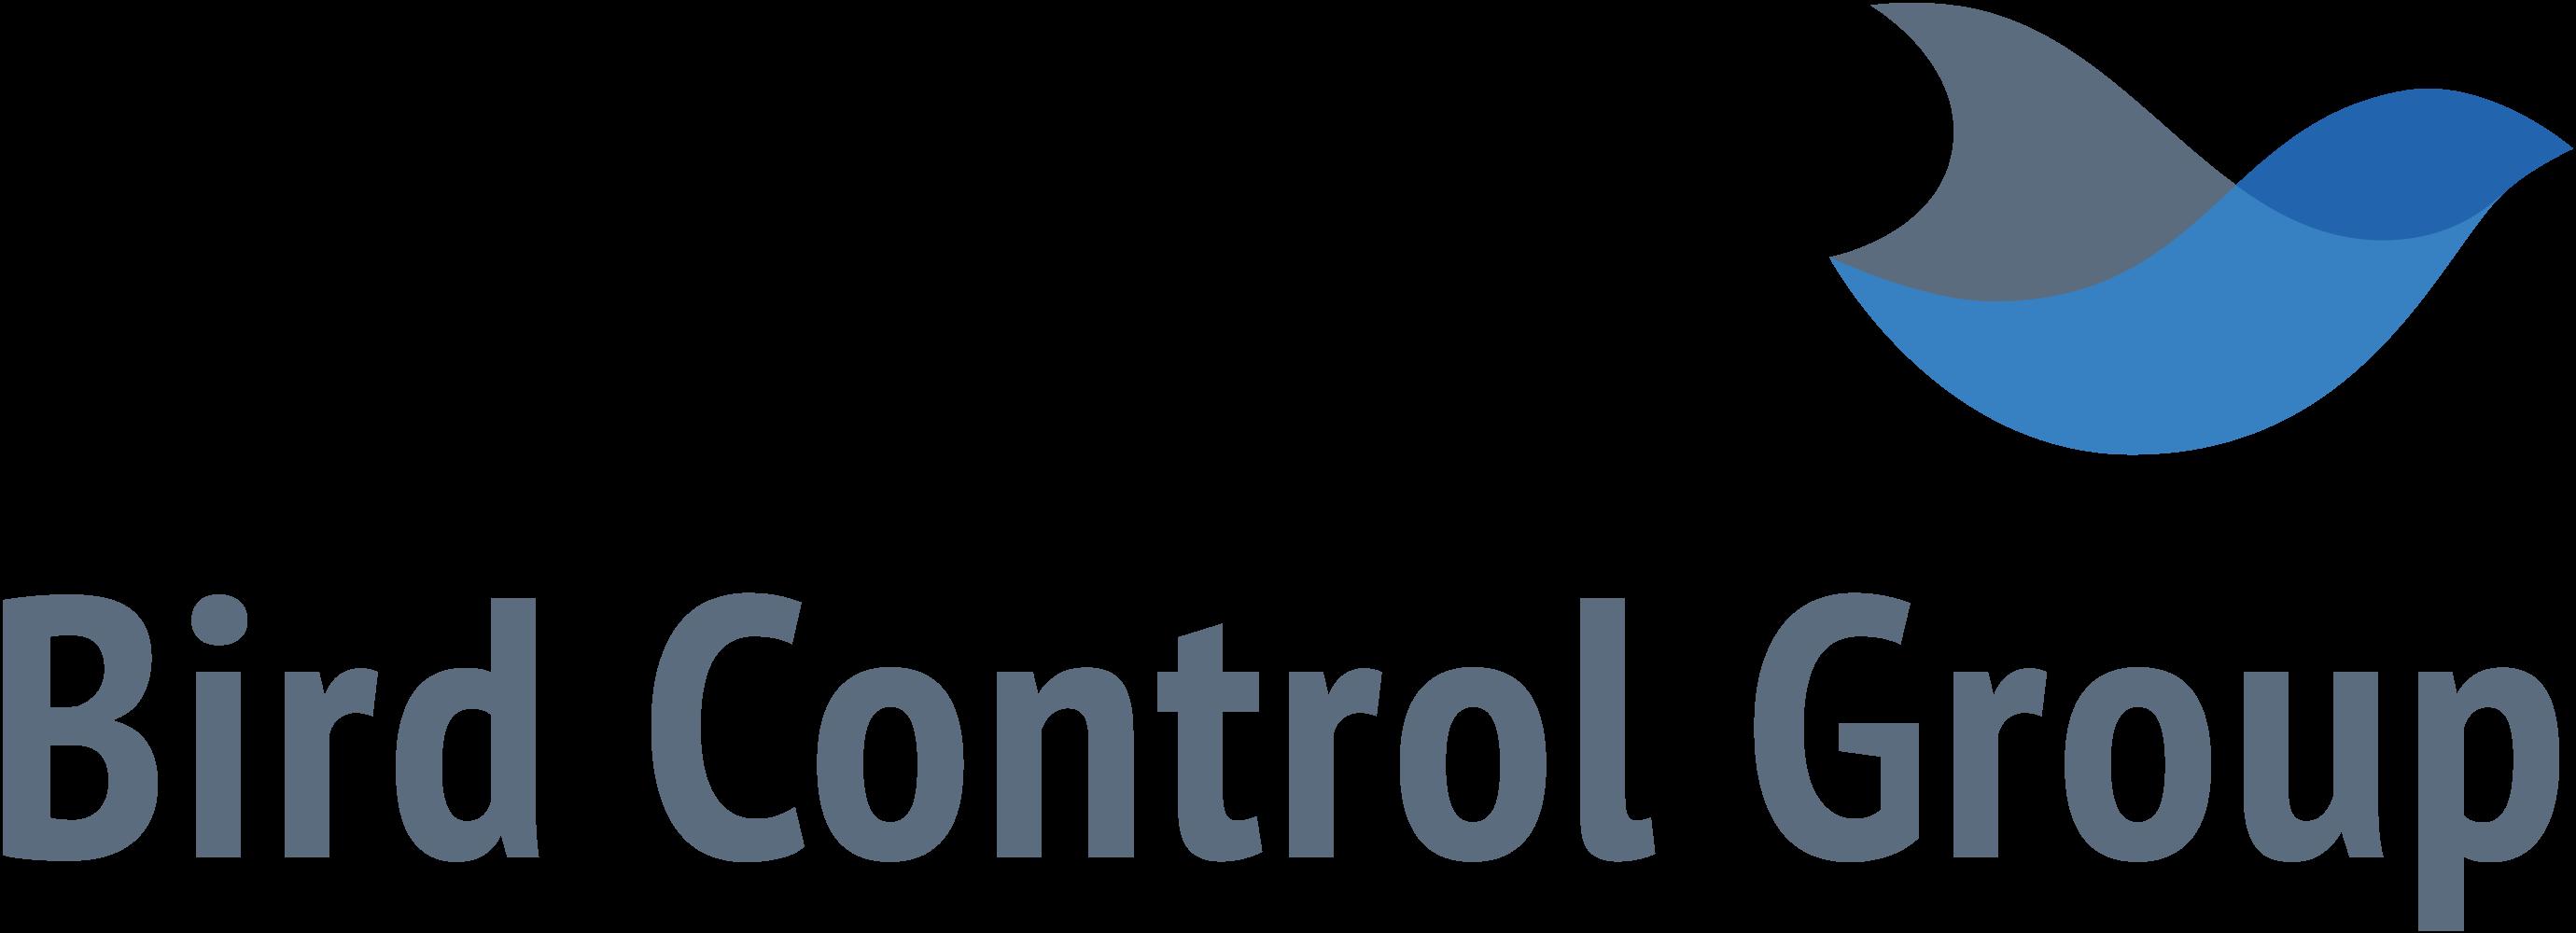 Bird Control Group